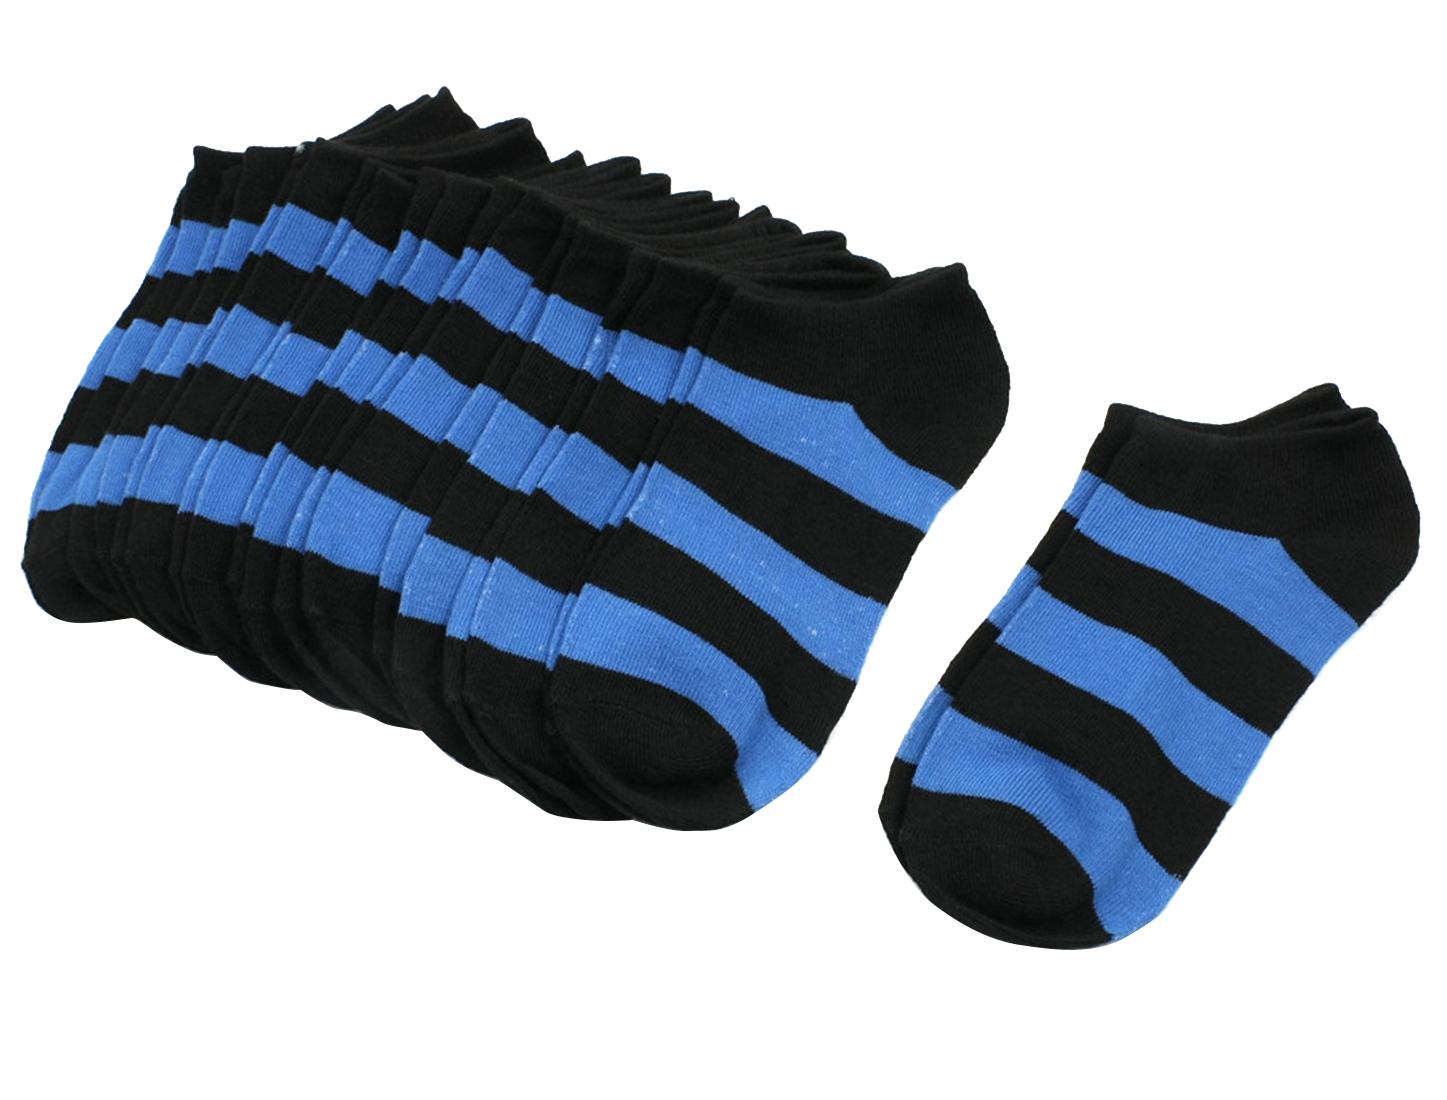 Girls Stripe Pattern Stretch Low Cut Ankle Socks Hosiery Blue Black 10 Pair